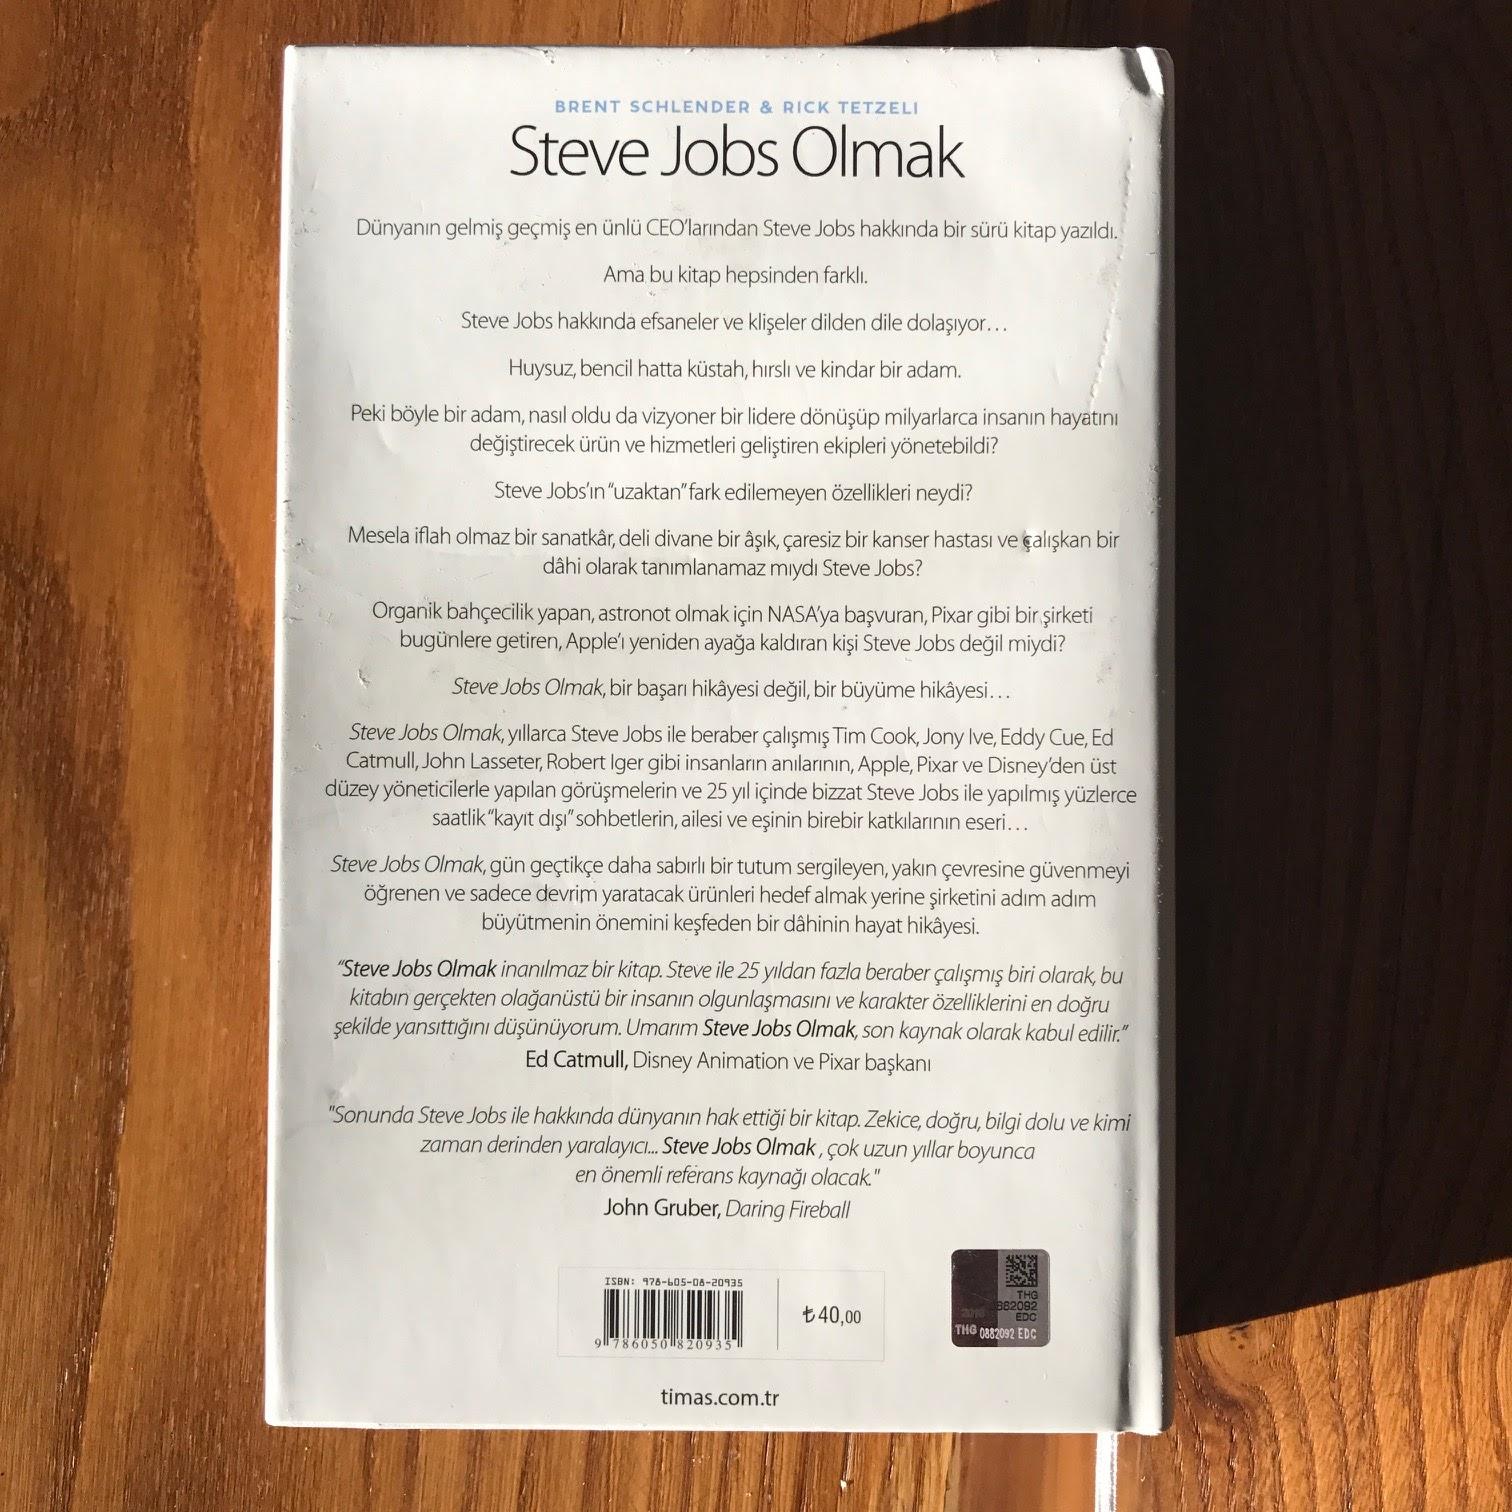 Steve Jobs Olmak - Kendini Bilmez Bir Kustahin Vizyoner Bir Lidere Donusumu - Arka Kapak (Kitap)